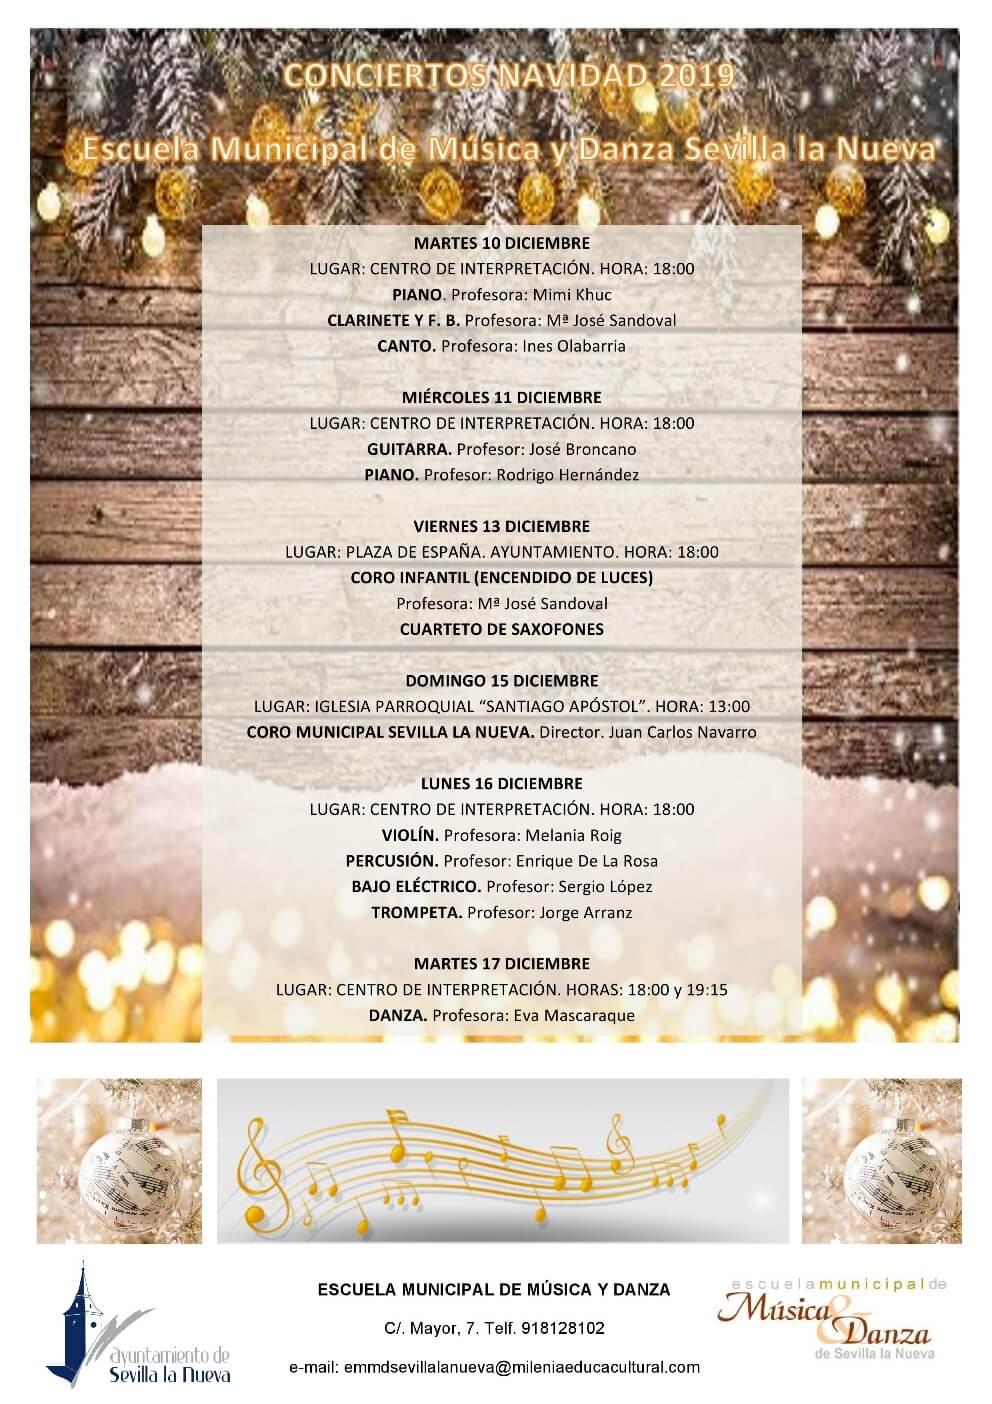 Concierto de Navidad EMMD. Piano y guitarra. @ Centro de Interpretación